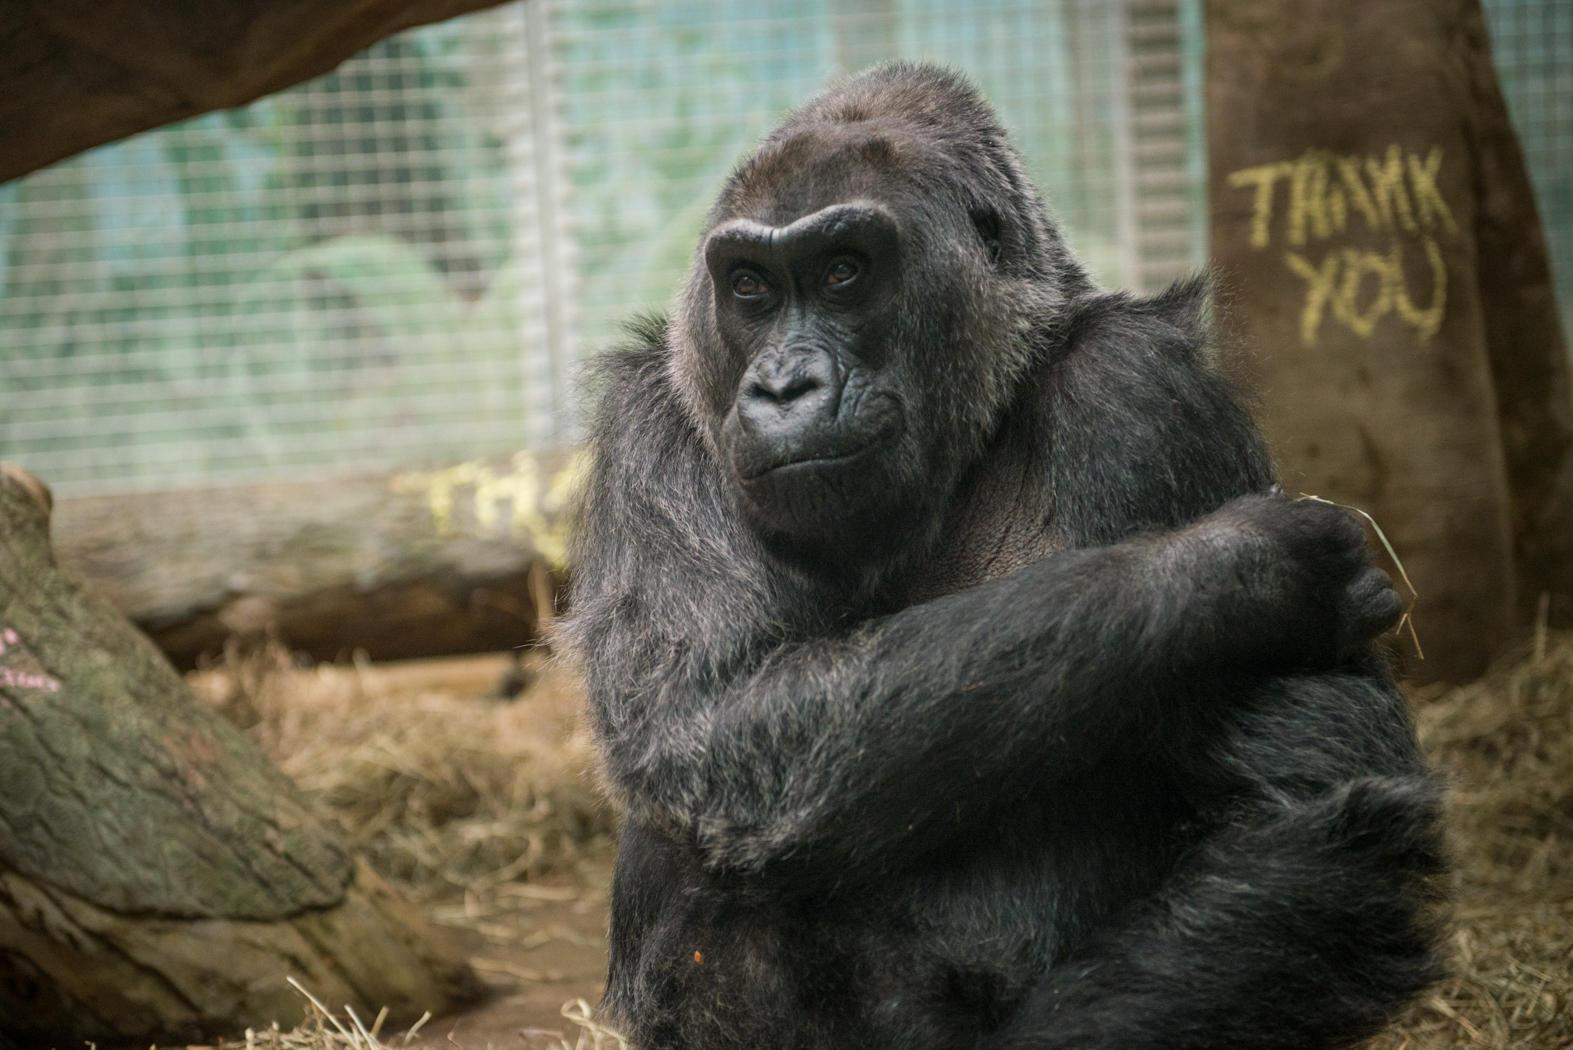 Colo, oldest gorilla, dies at 60